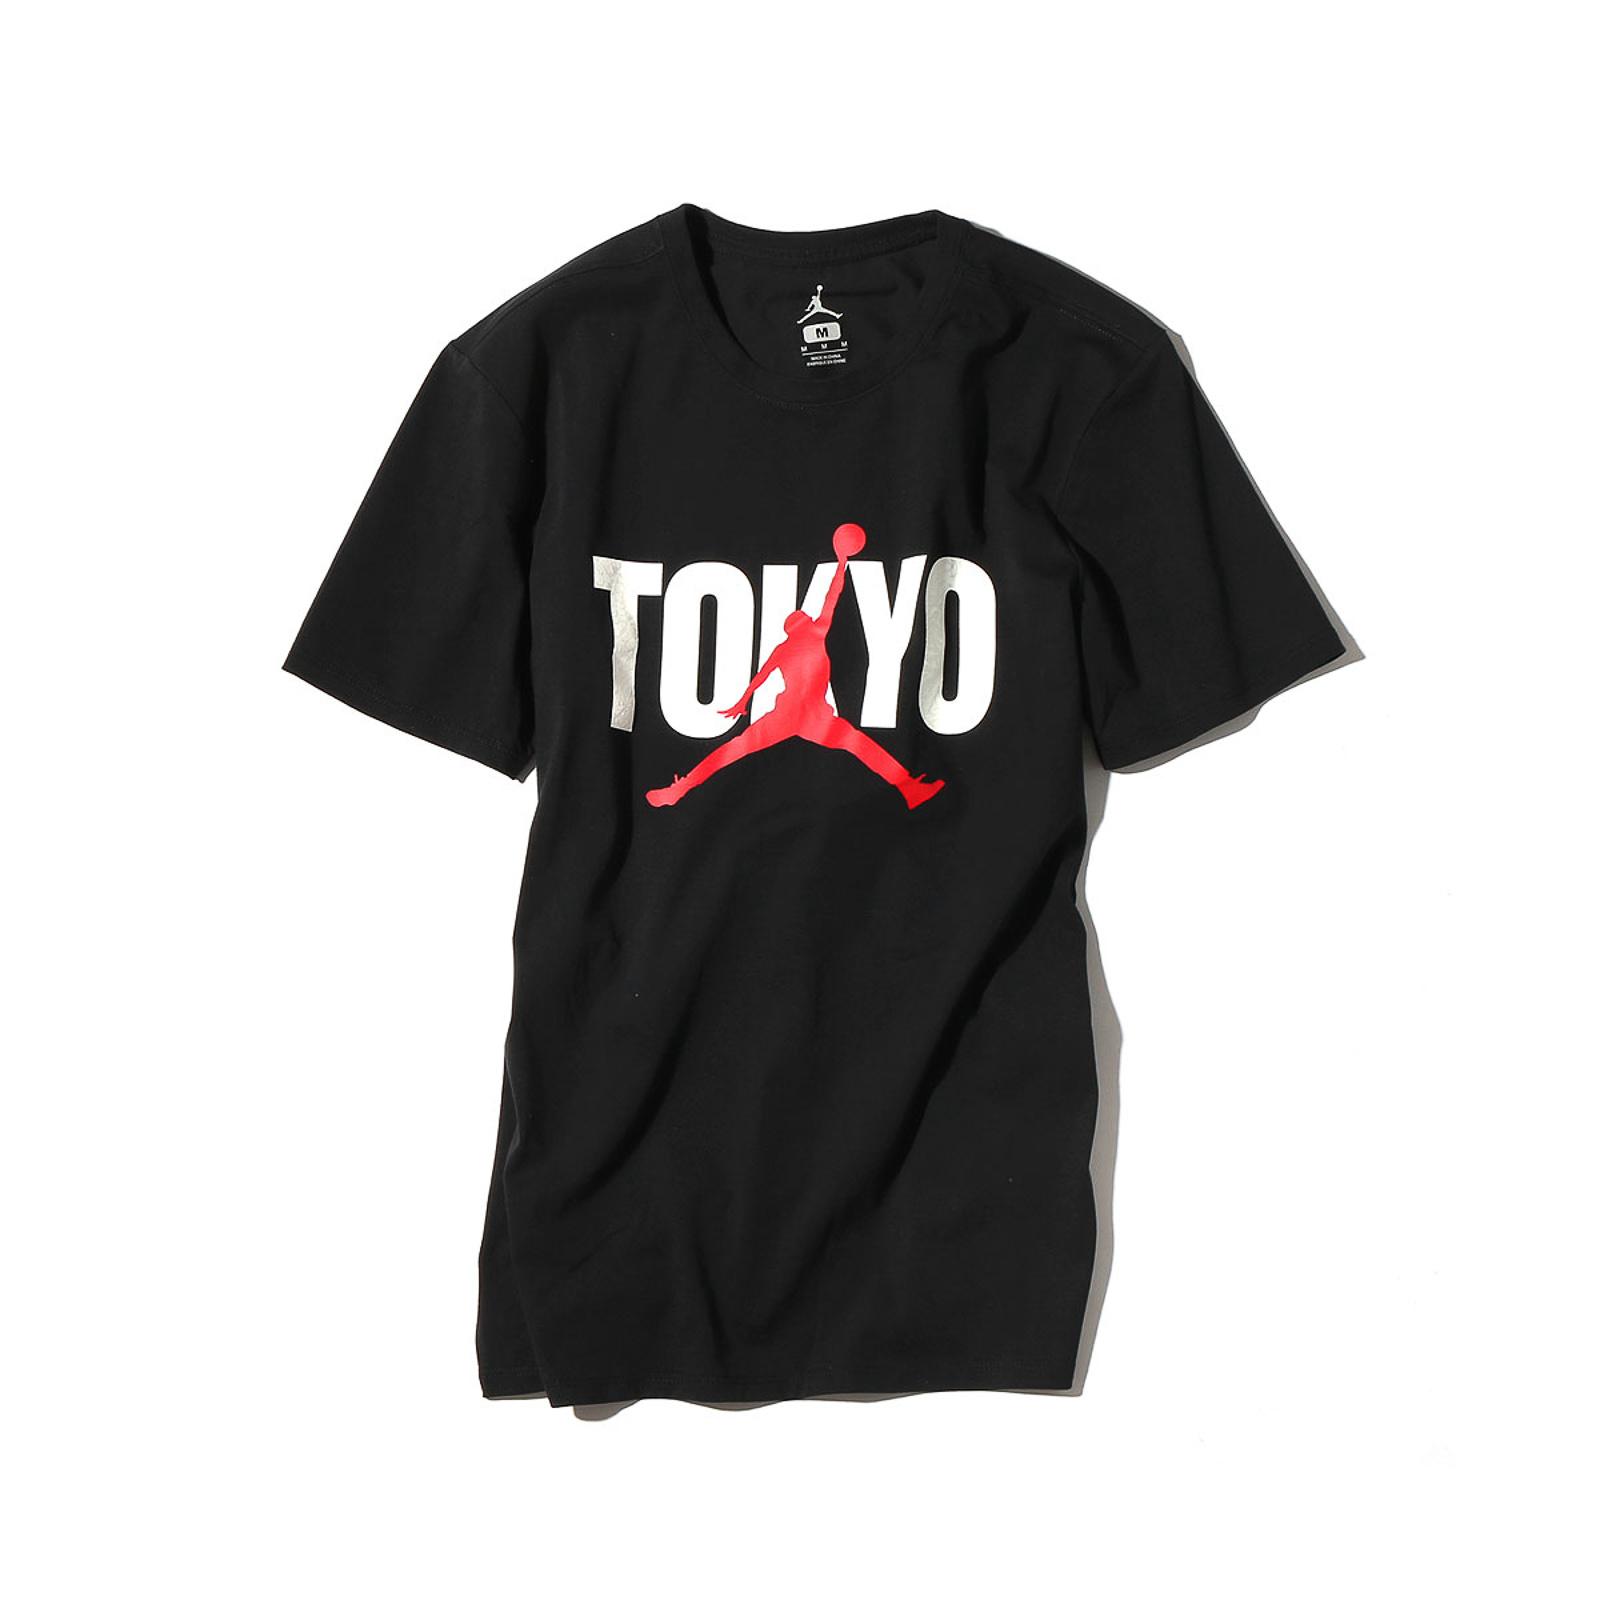 JORDAN_BRAND_TOKYO_TEE_0001_Flymag